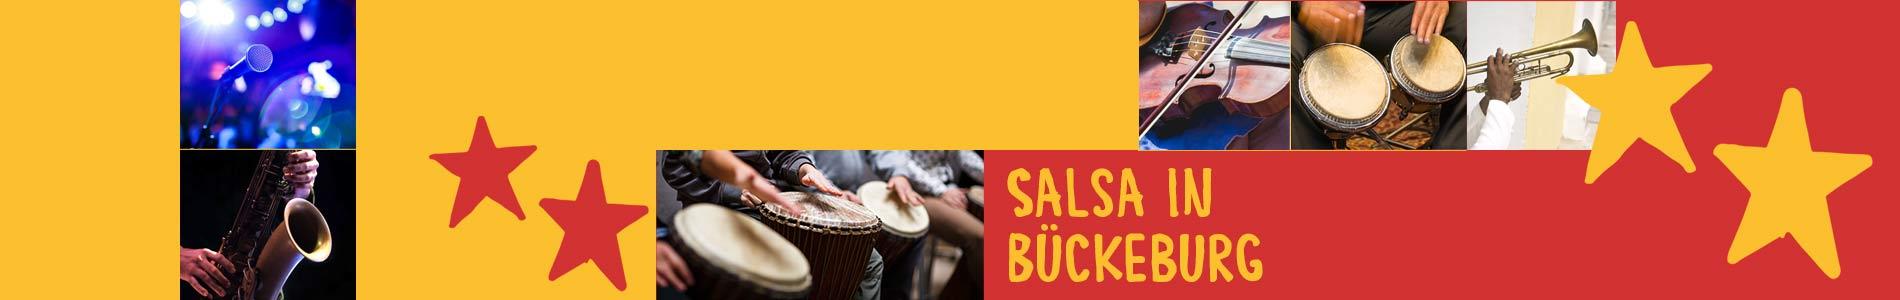 Salsa in Bückeburg – Salsa lernen und tanzen, Tanzkurse, Partys, Veranstaltungen